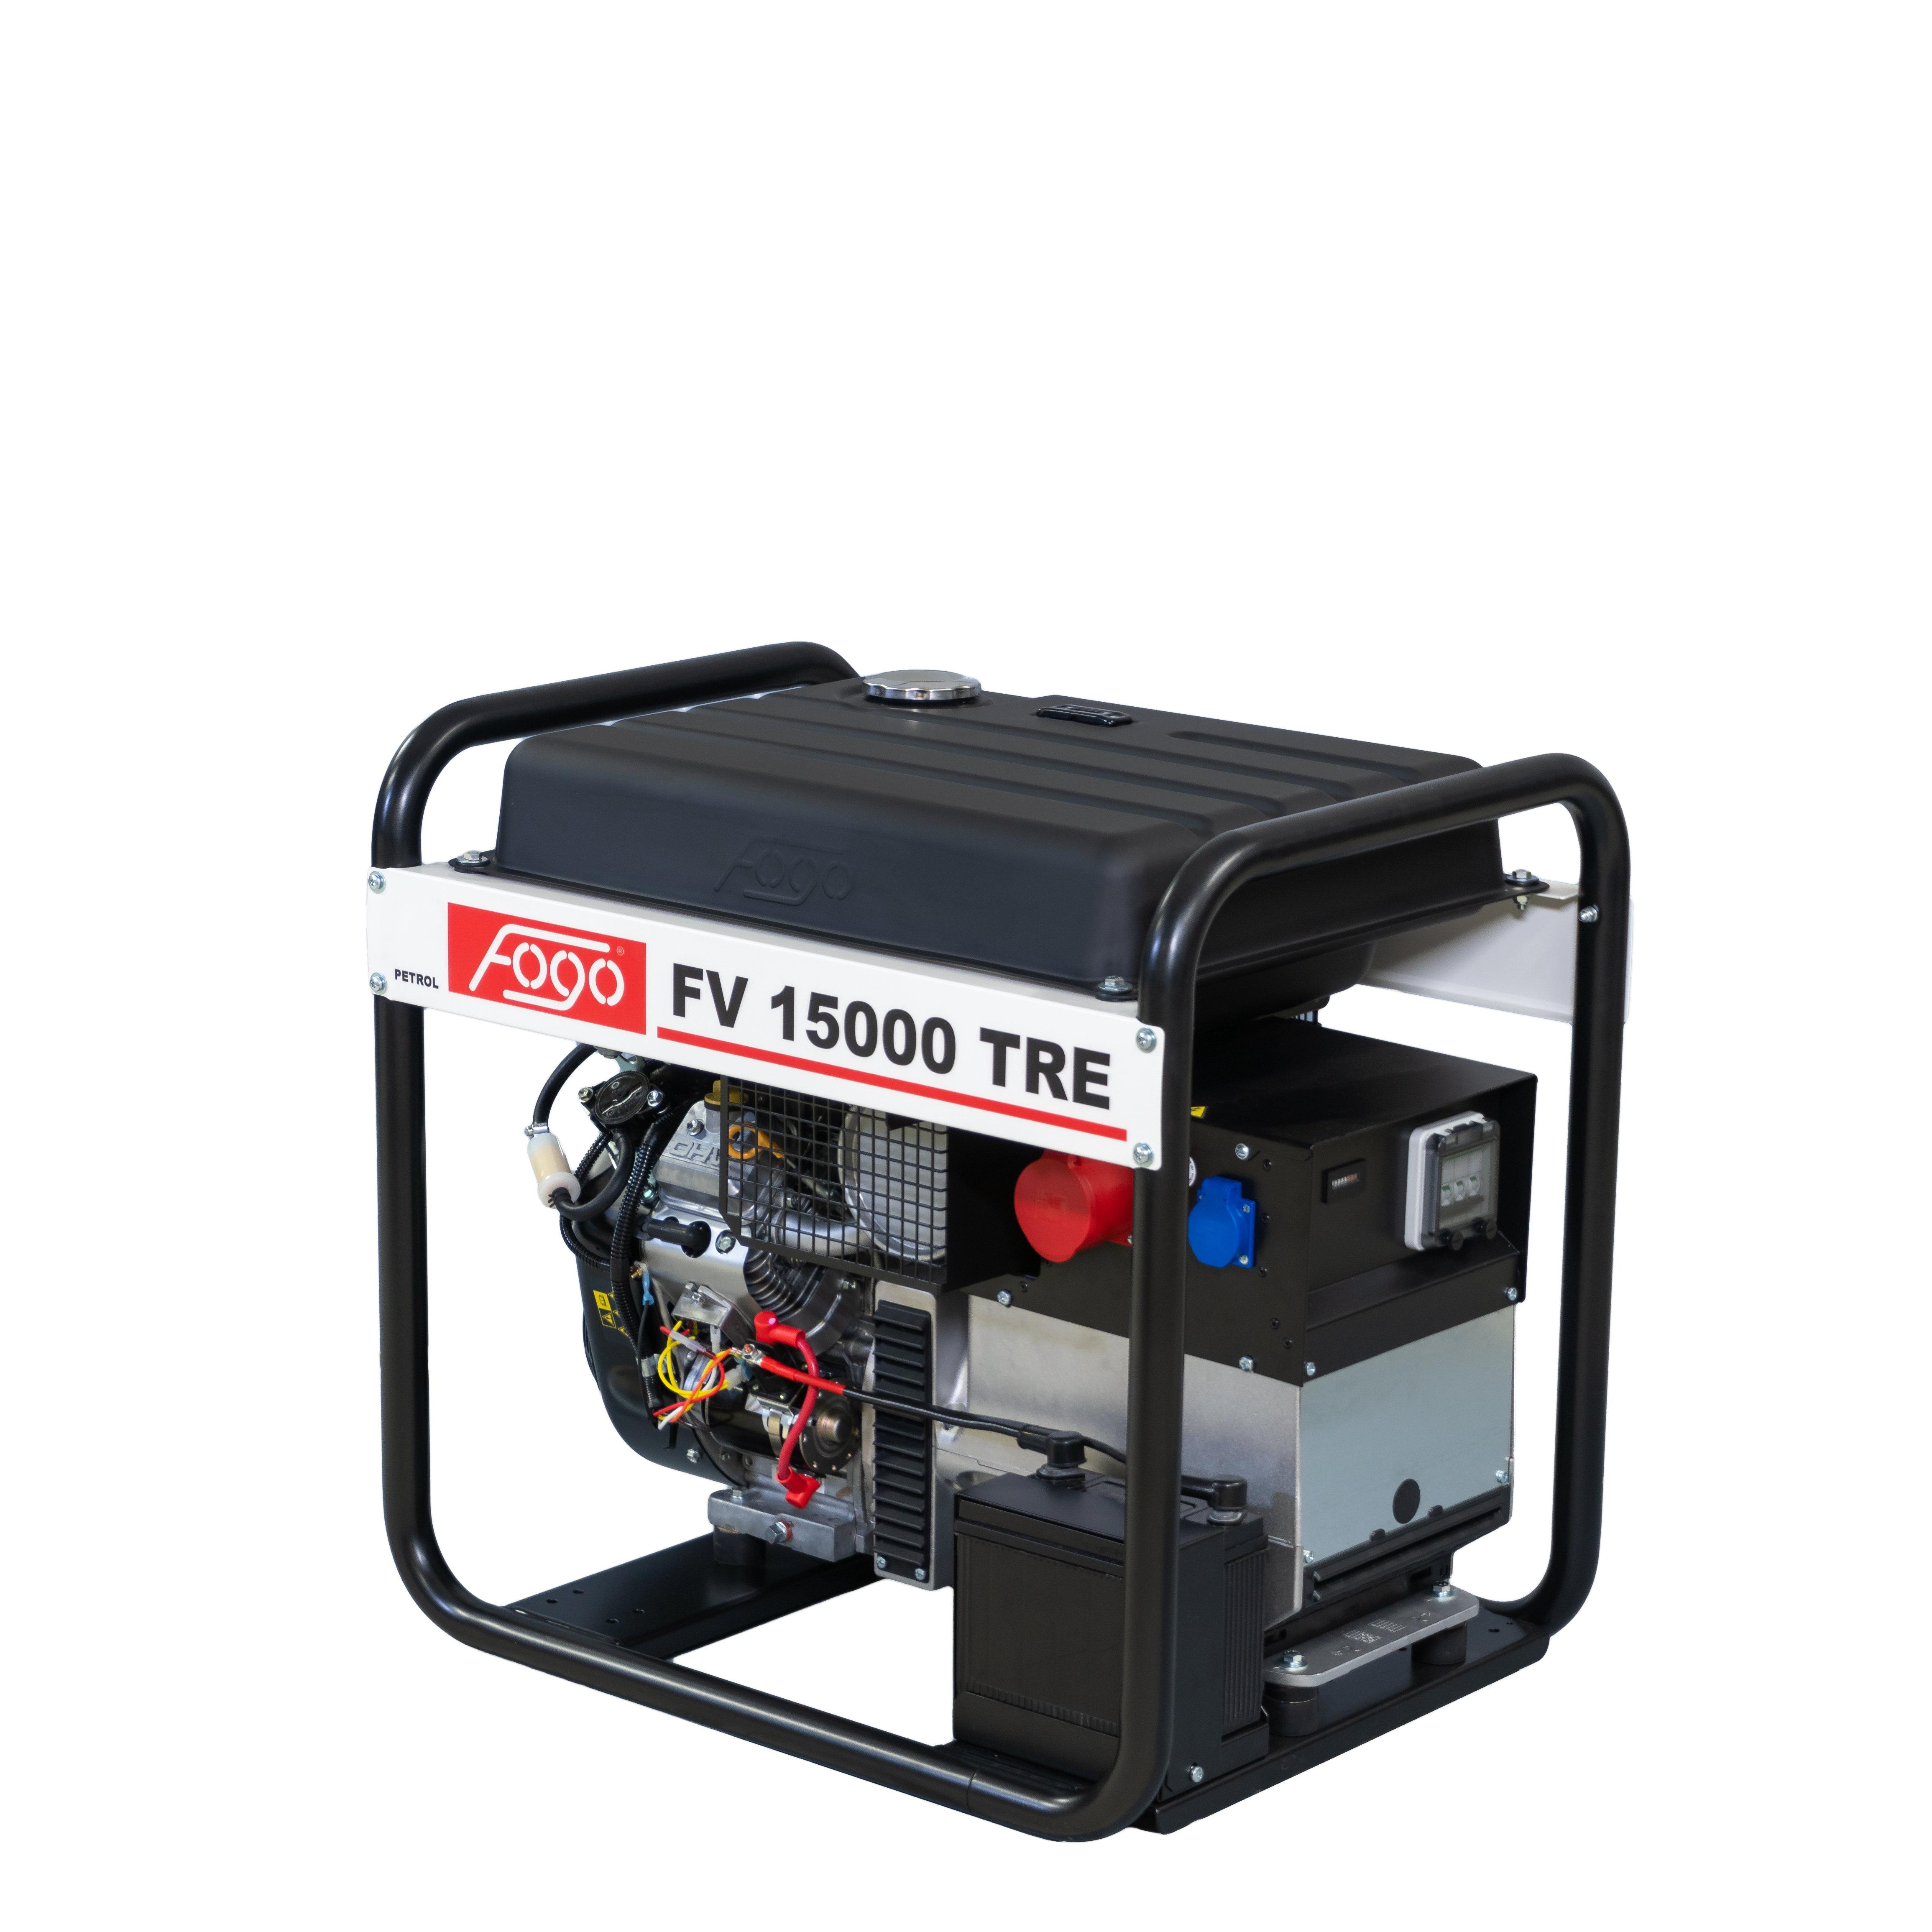 FOGO B&S VANGUARD 14,5 kVA Stromaggregat AVR 400 V FV 15000TRE